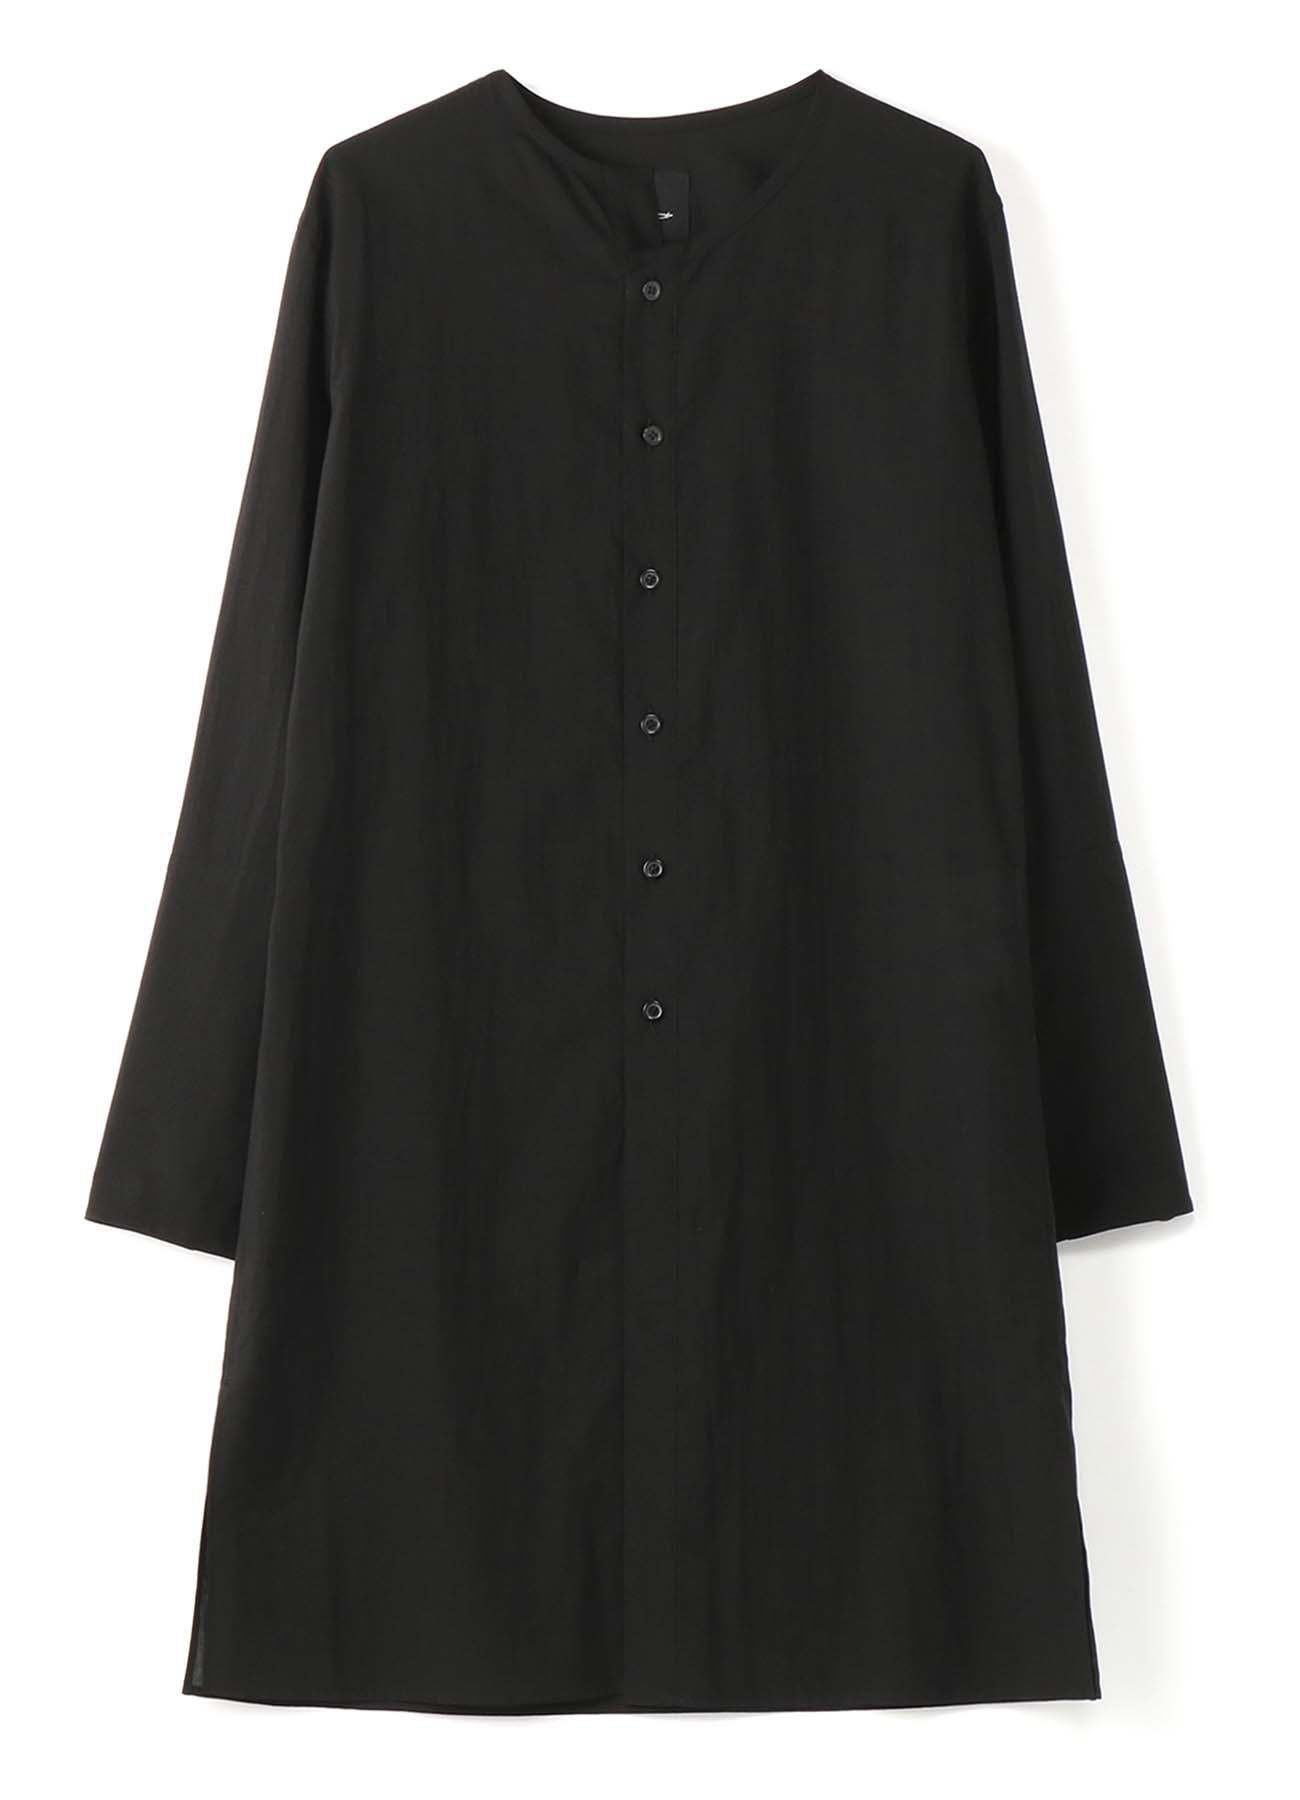 120/2ローン ノーカラーカフスシャツ